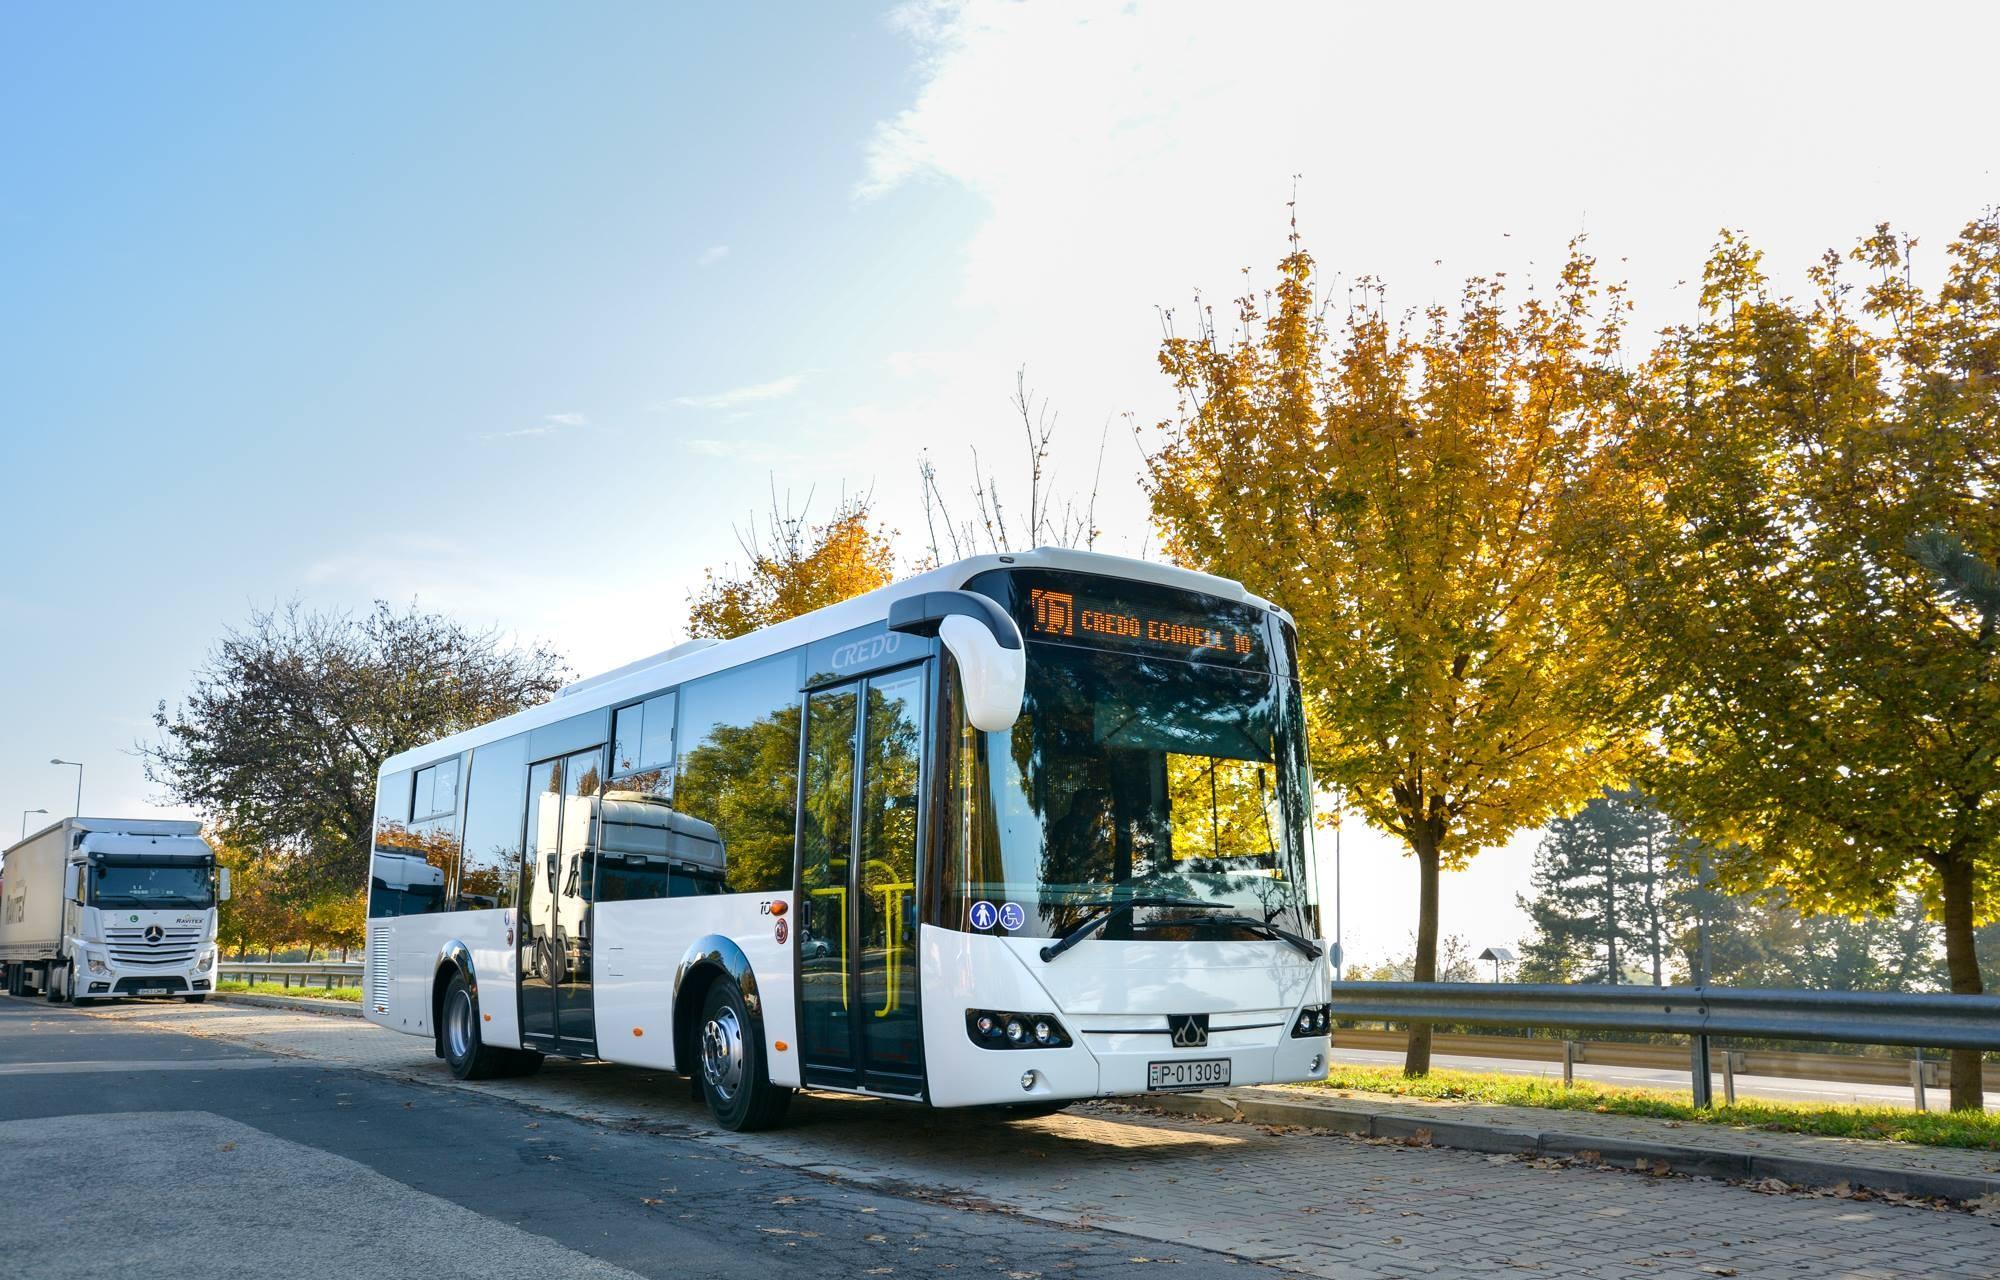 Kétmilliárdos fejlesztés a magyar busz gyártójánál